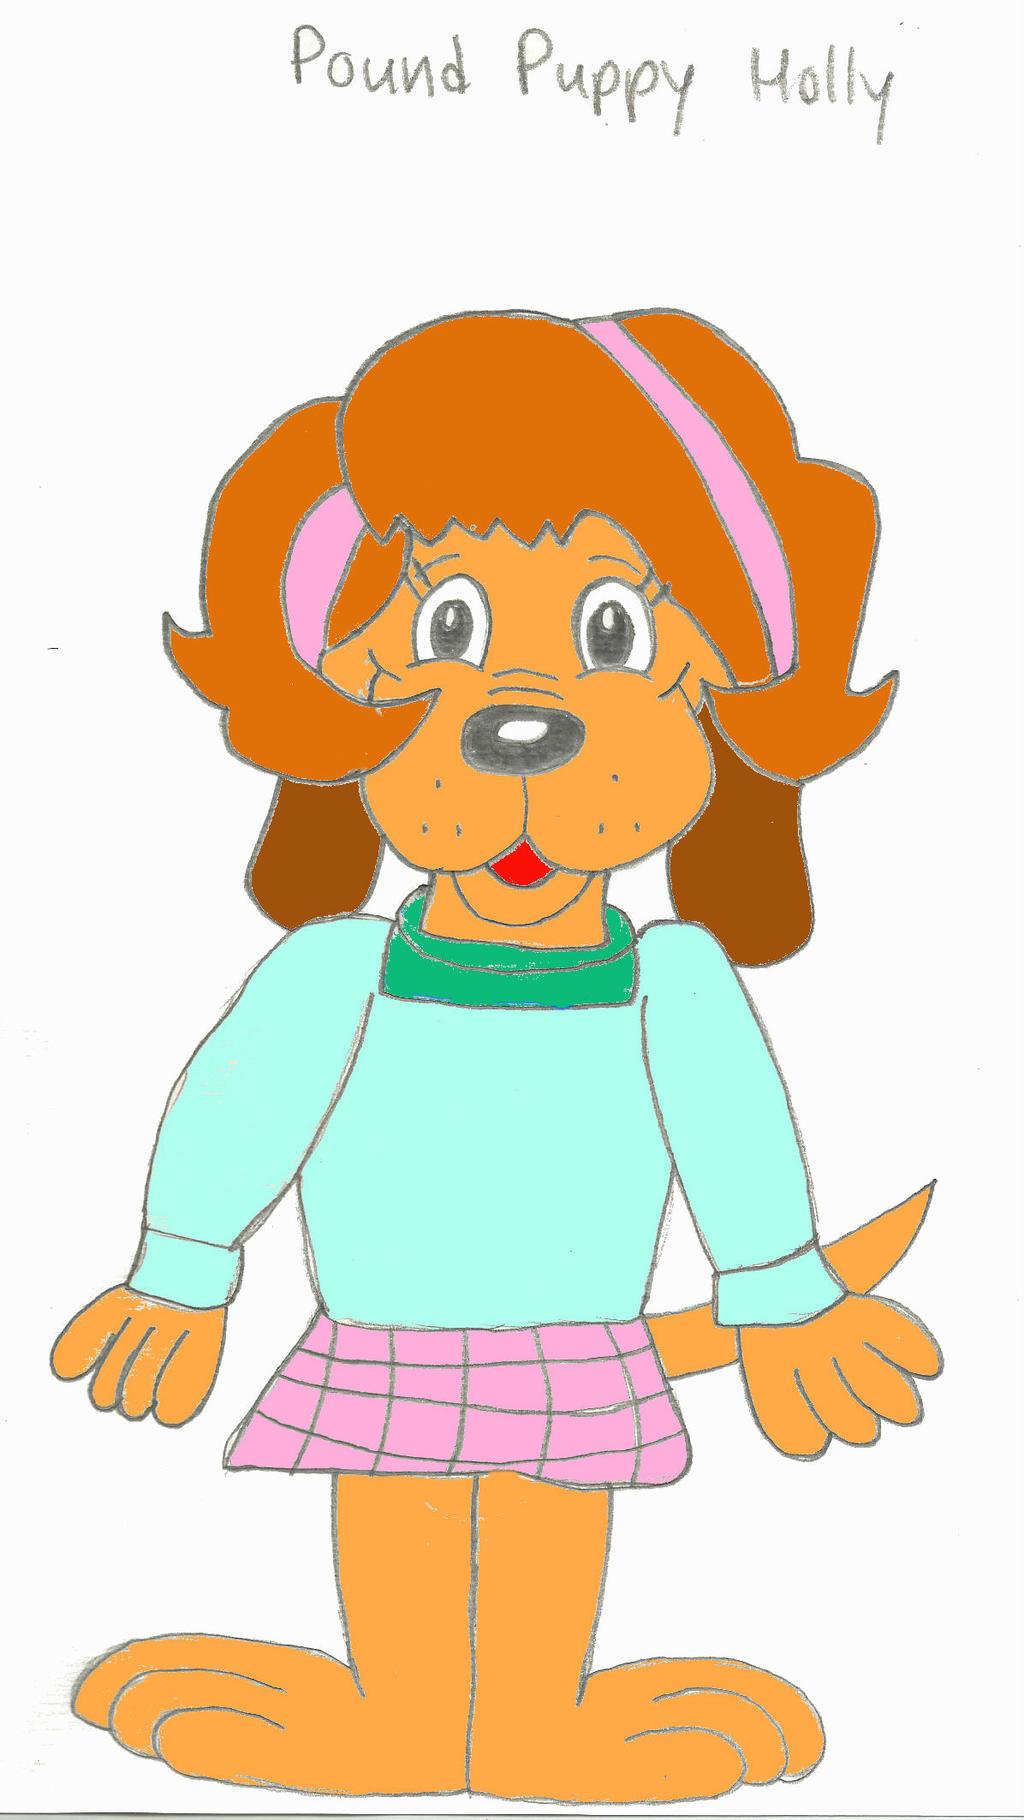 Pound Puppy Holly by Solarpunk90 on DeviantArt